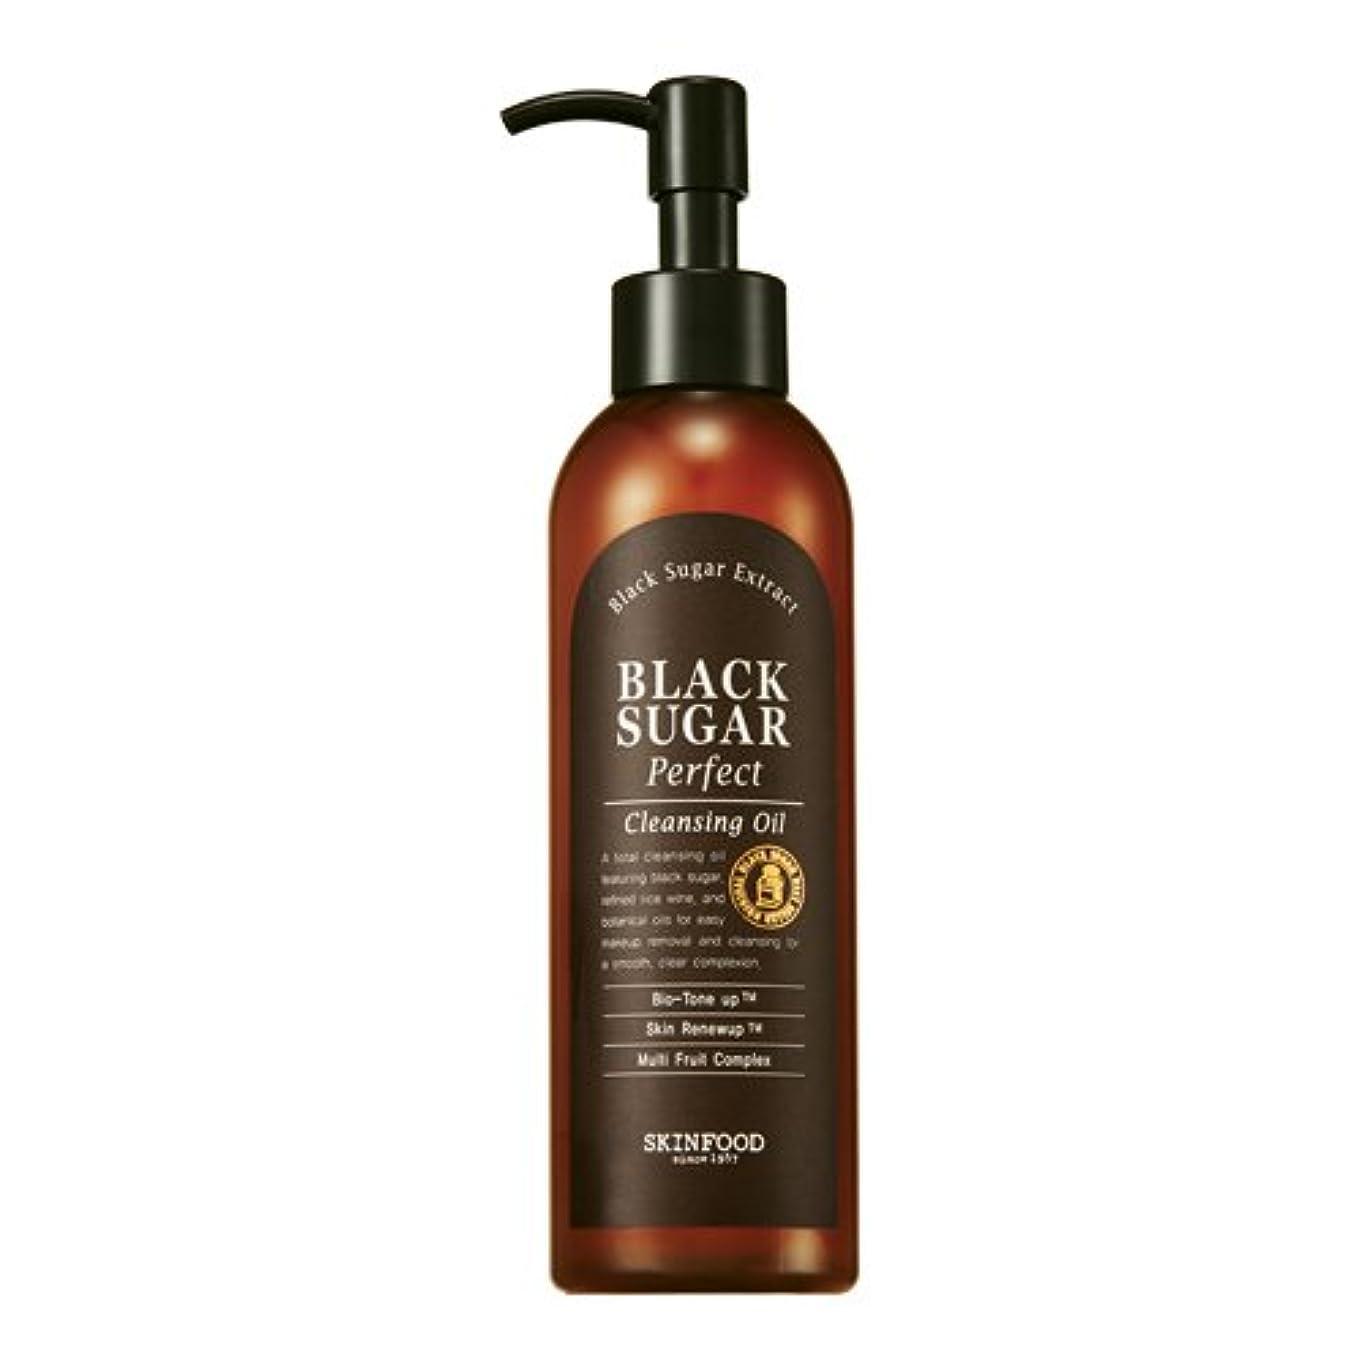 ハミングバード強化するお世話になったSkinfood/Black Sugar Perfect Cleansing Oil/ブラックシュガーパーフェクトクレンジングオイル/200ml [並行輸入品]